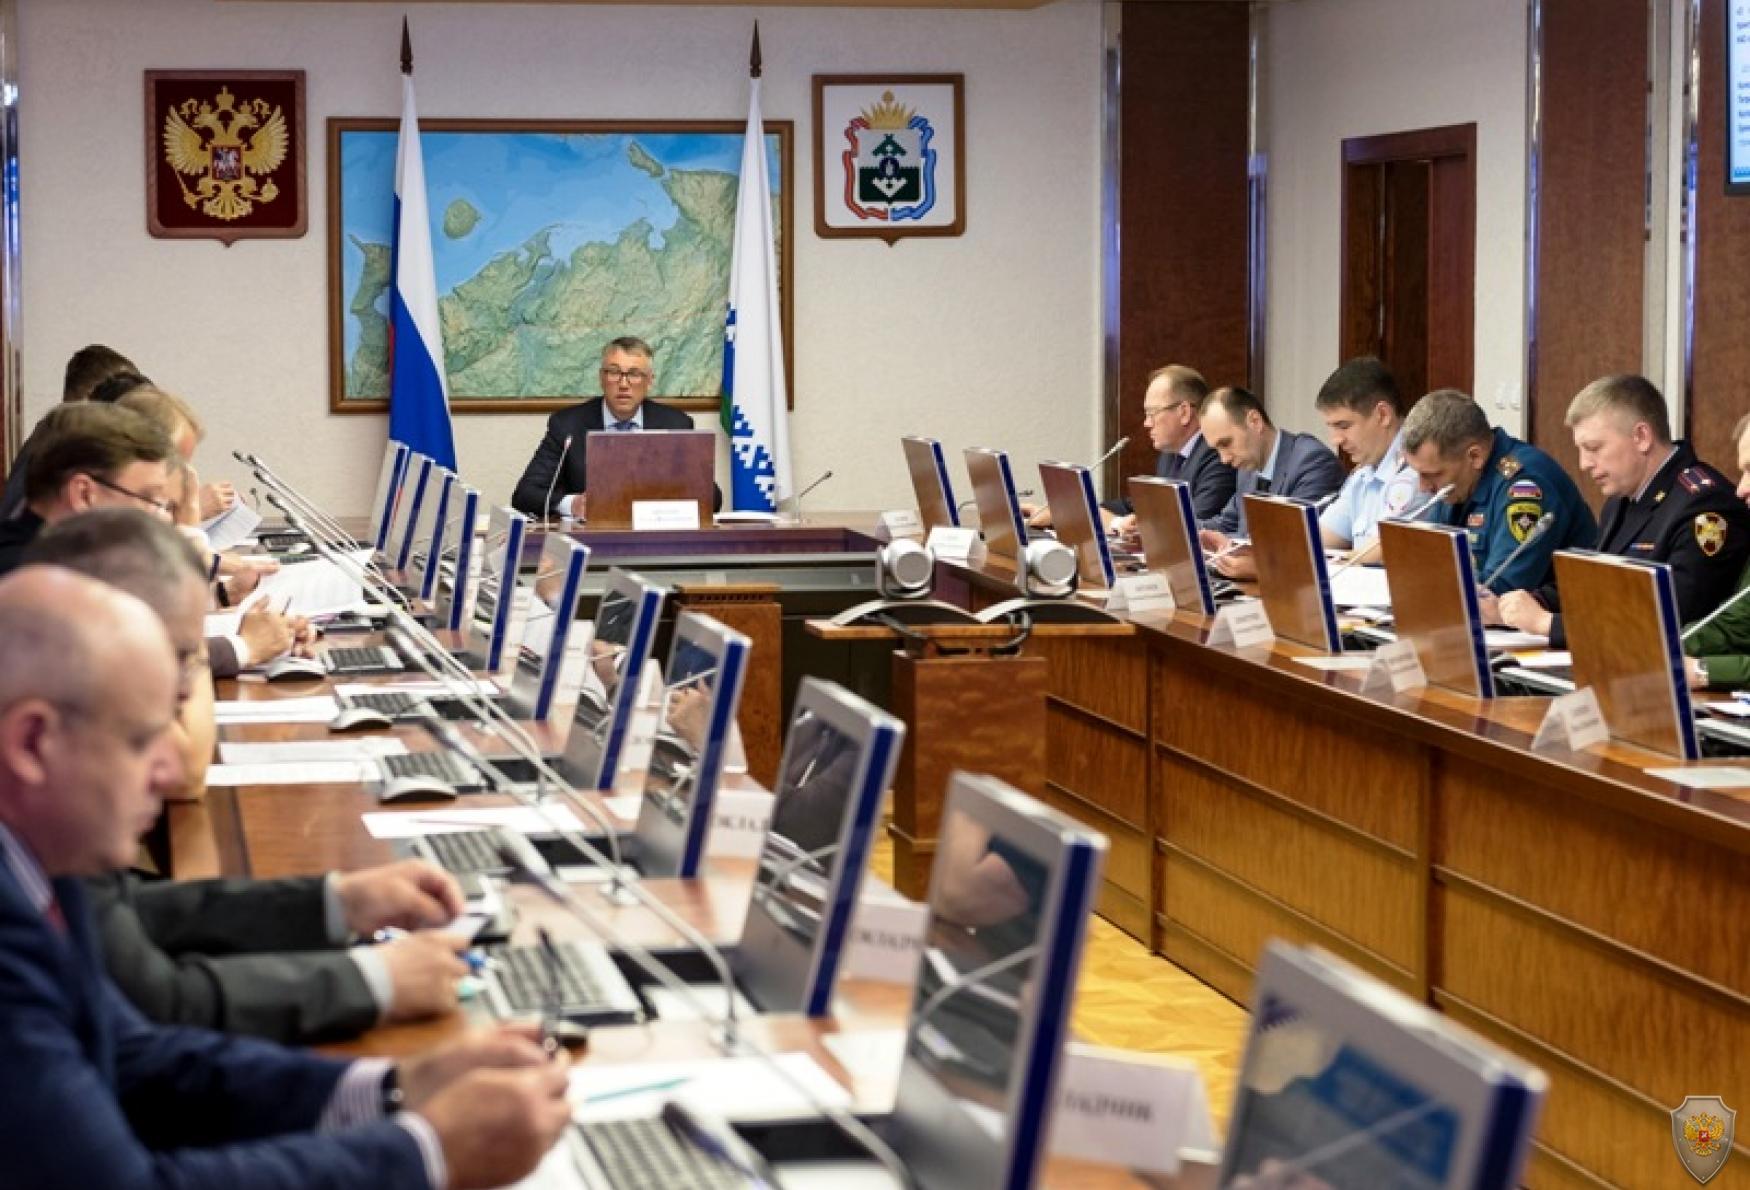 Заседание прошло под председательством губернатора Ненецкого автономного округа Кошина И.В.